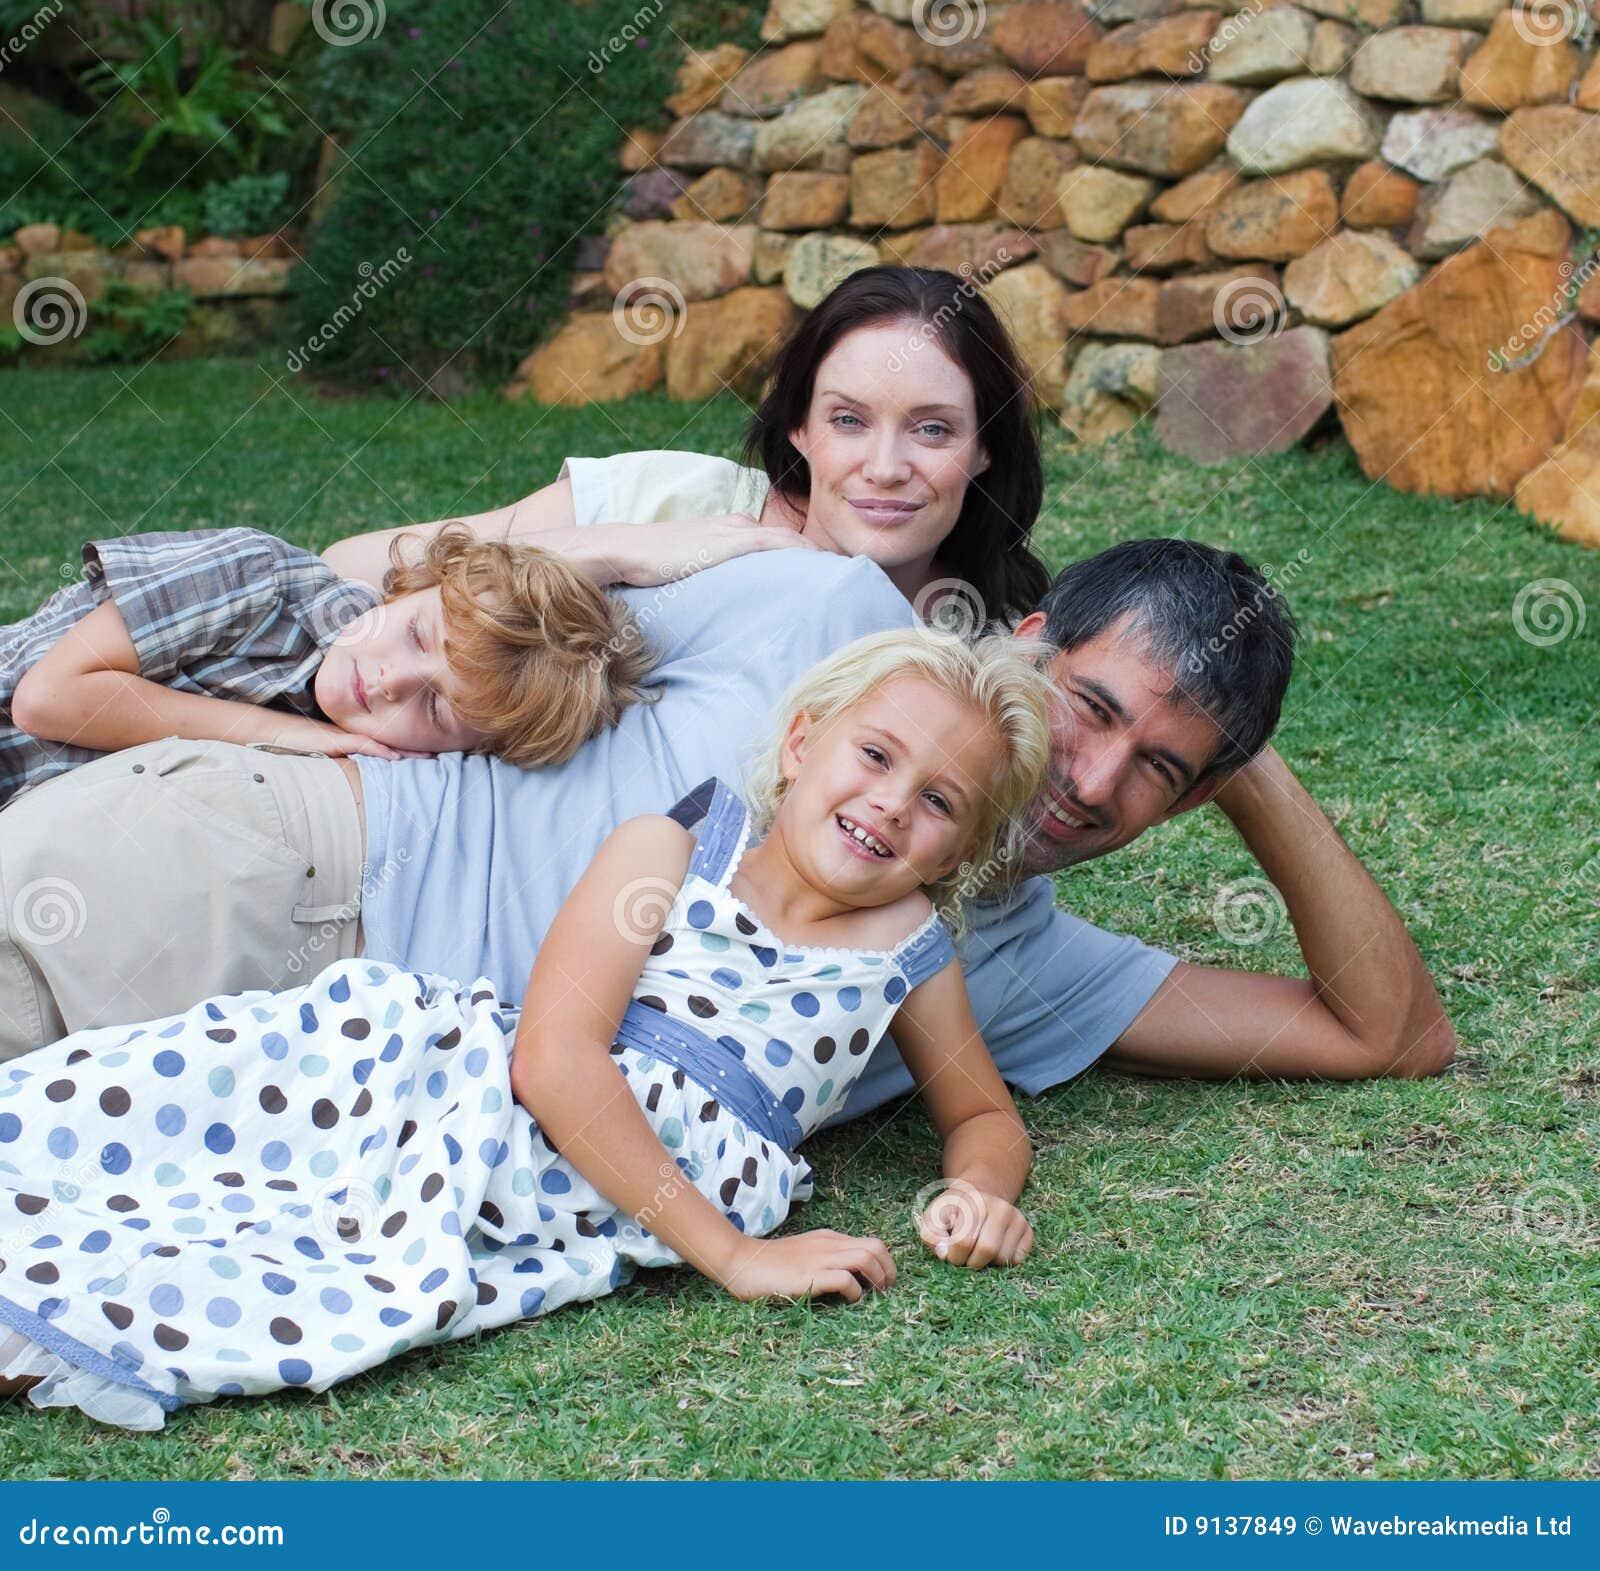 Family Enjoying Life In The Garden Stock Image